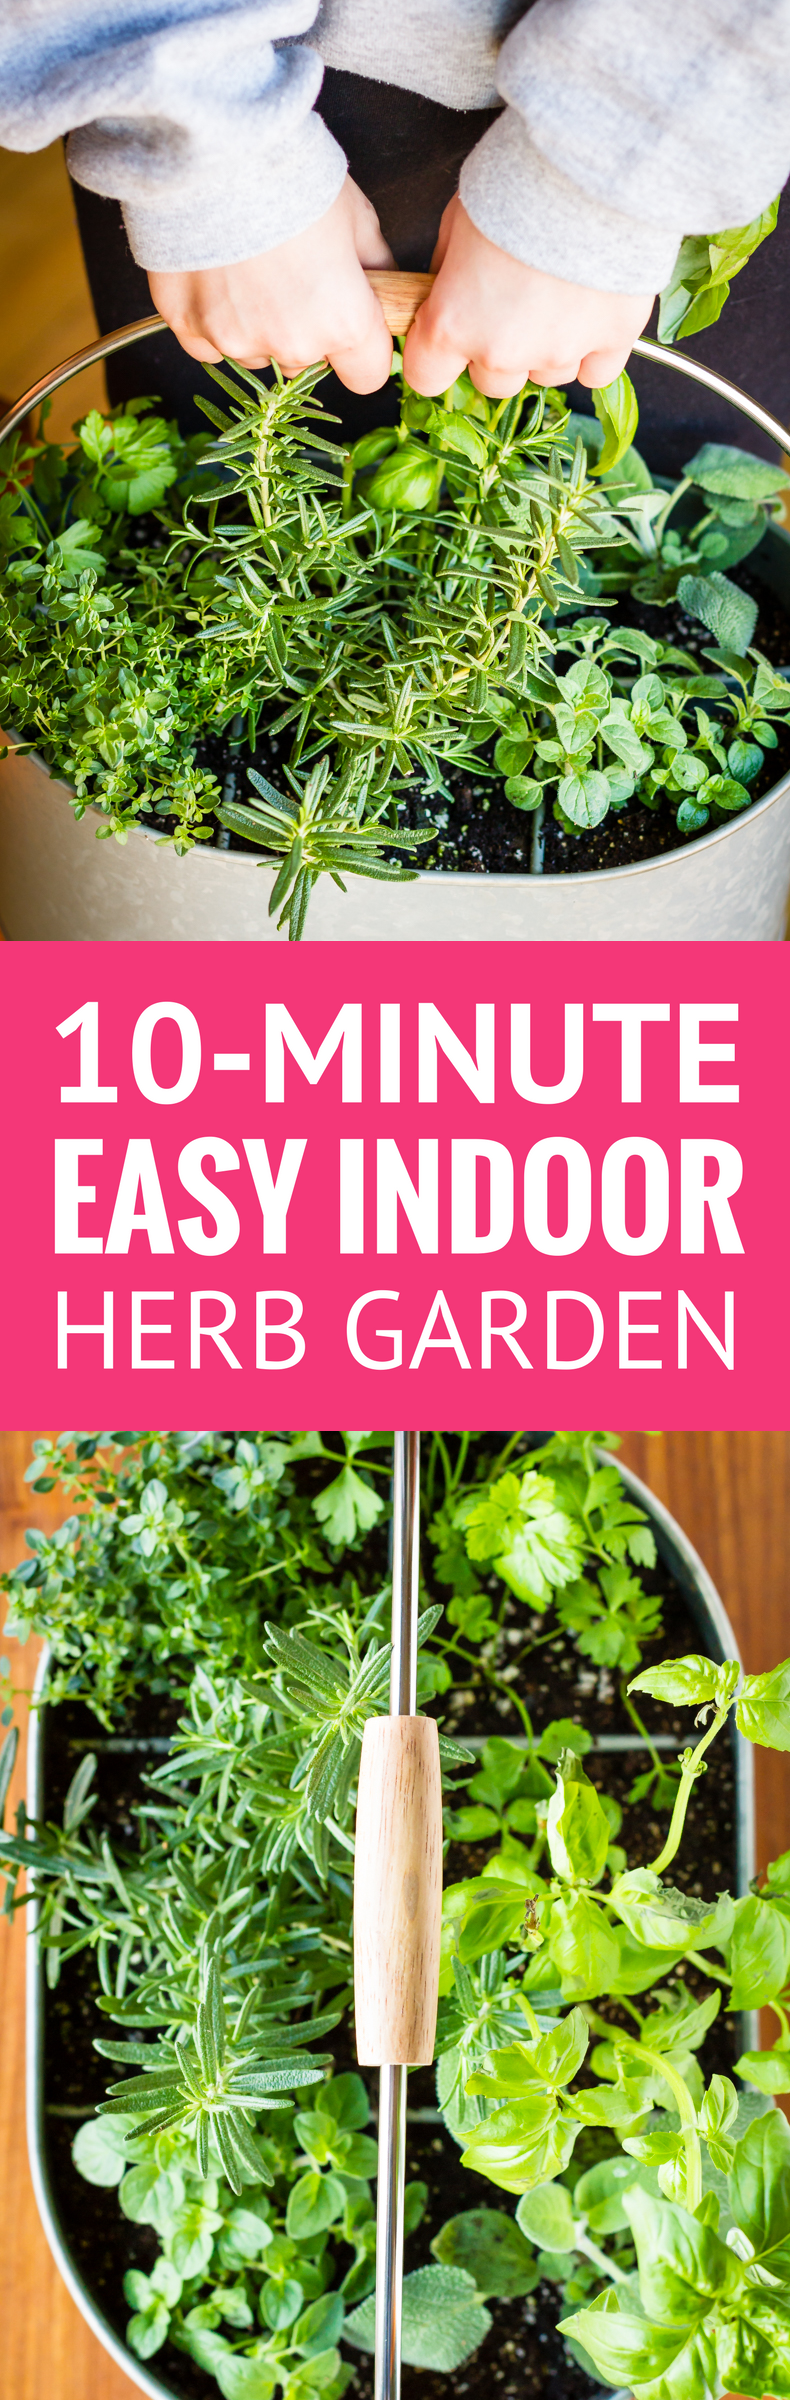 Easy Indoor Herb Garden Simple 10 Minute Diy Project 400 x 300